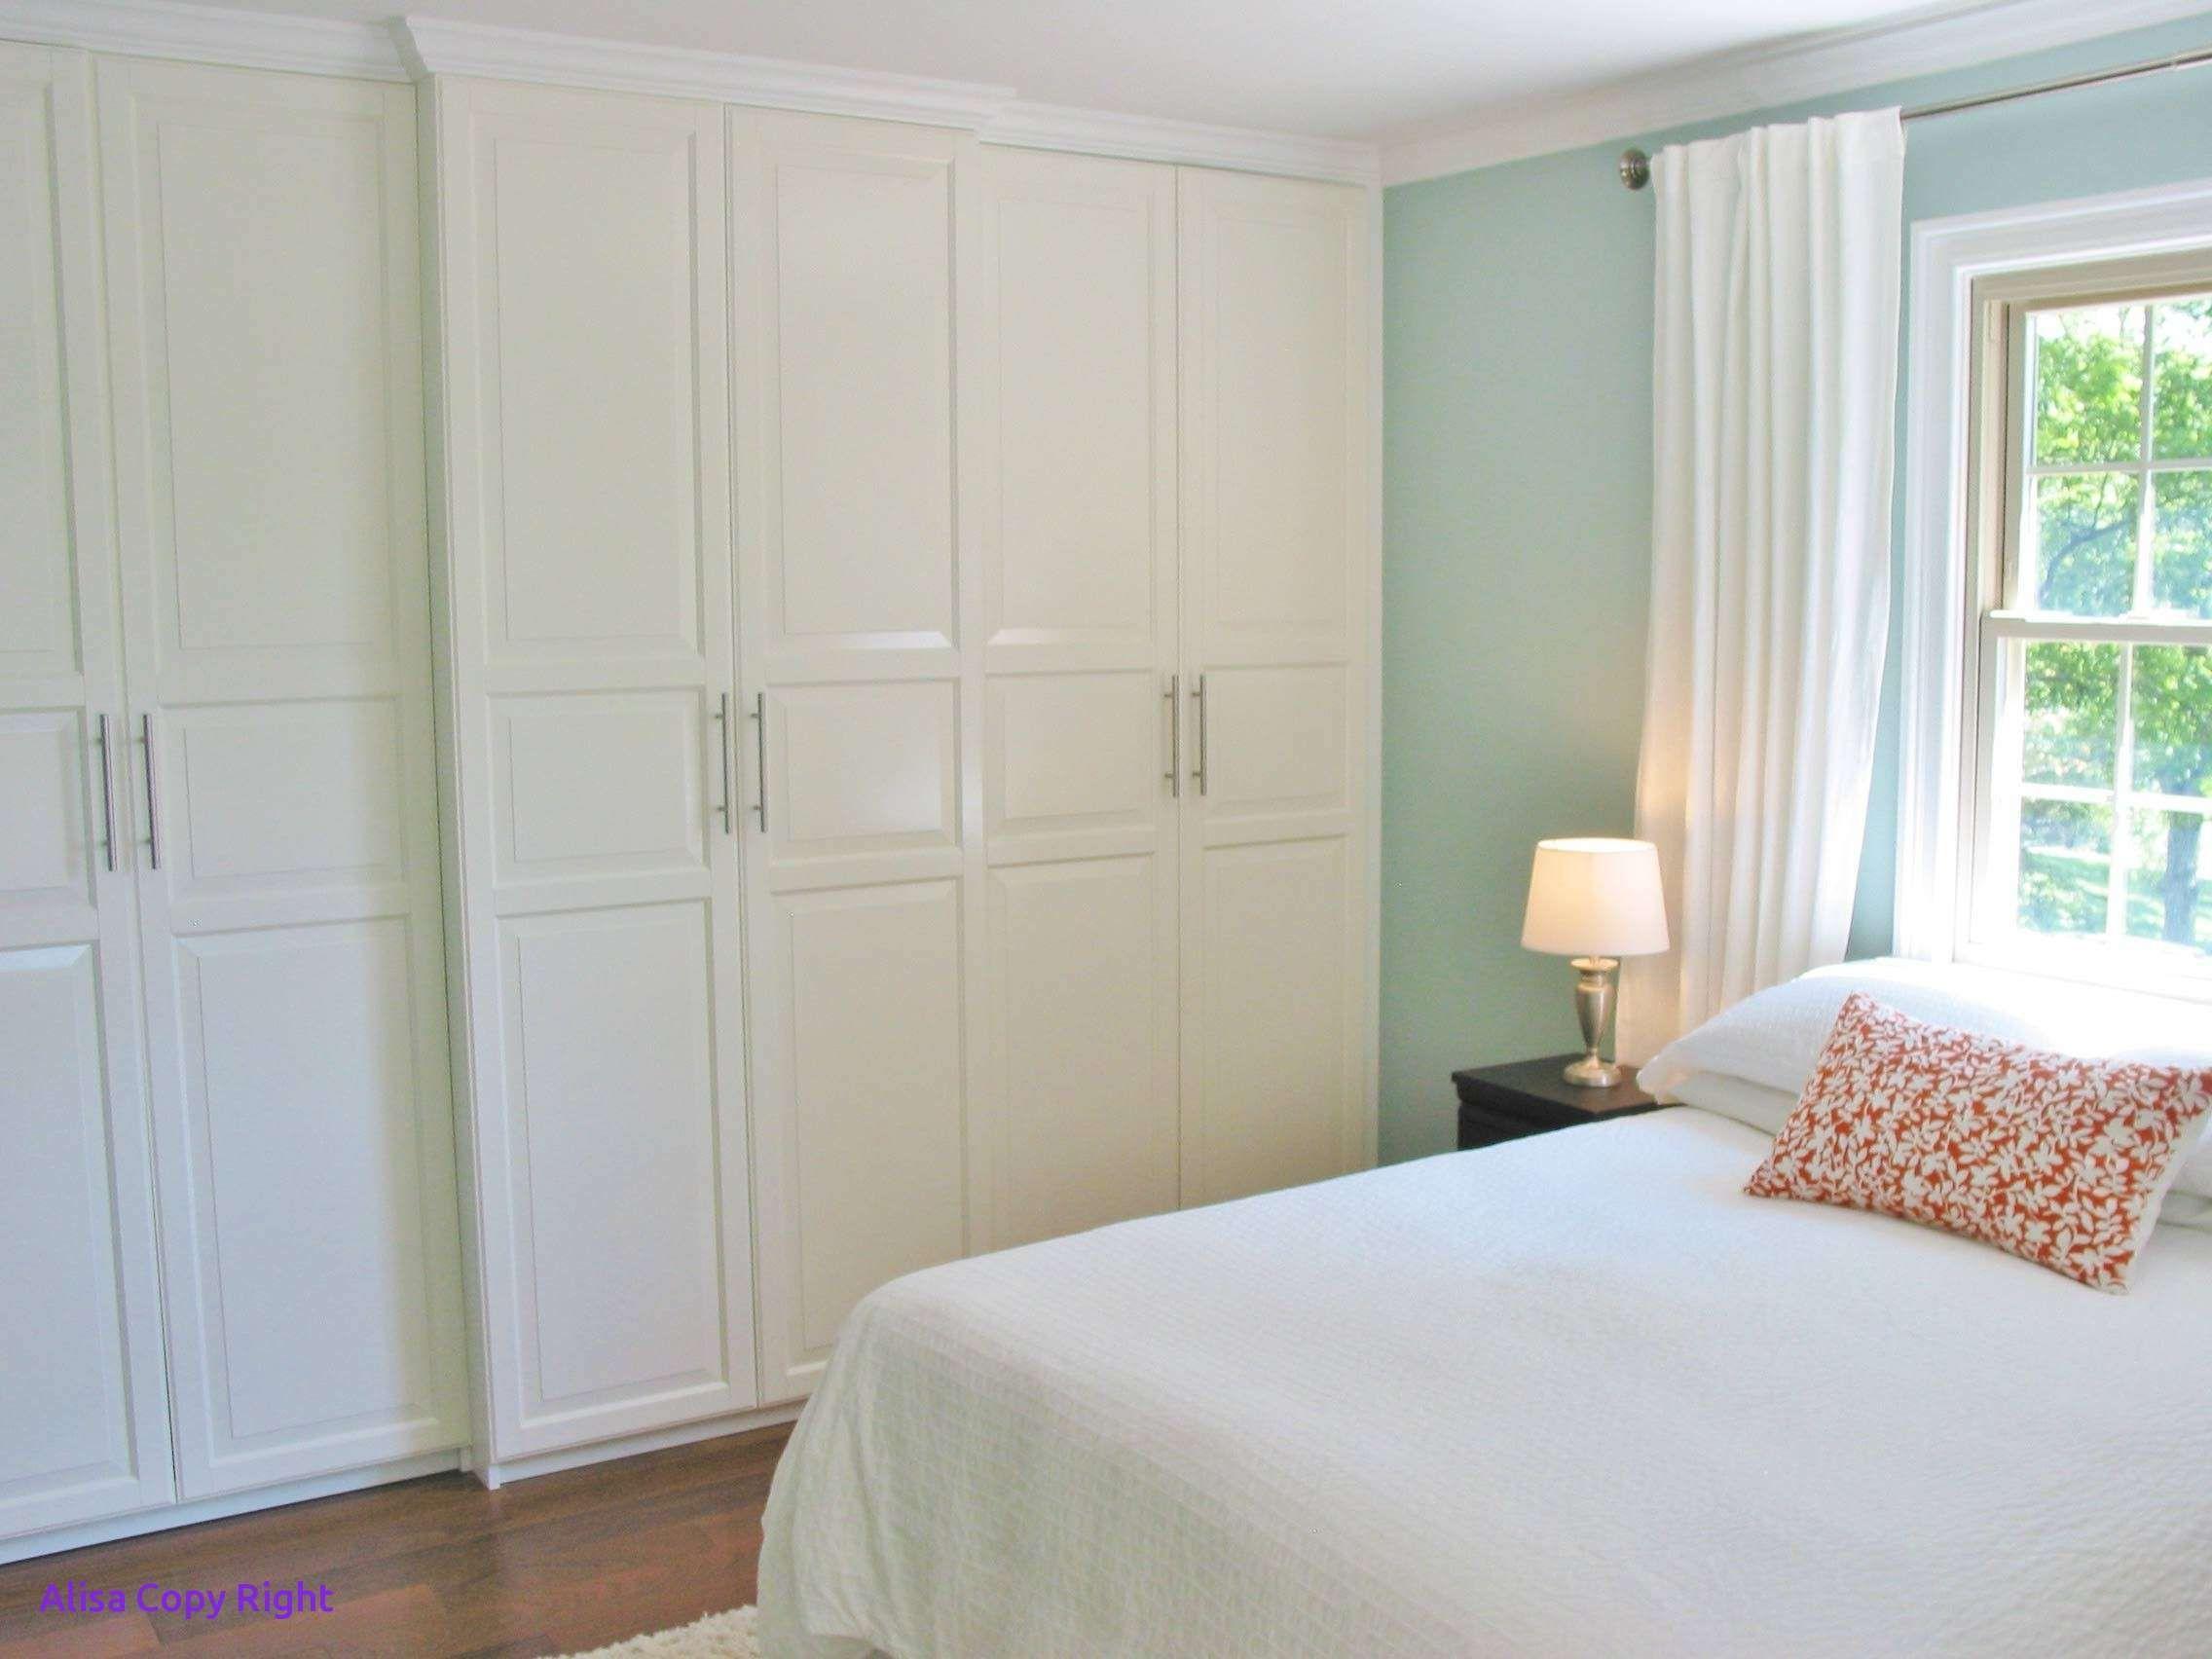 Corner Bedroom Homedecoration Homedecorations Homedecorationideas Homedecorati Small Bedroom Closet Design Bedroom Closet Design Interior Design Bedroom